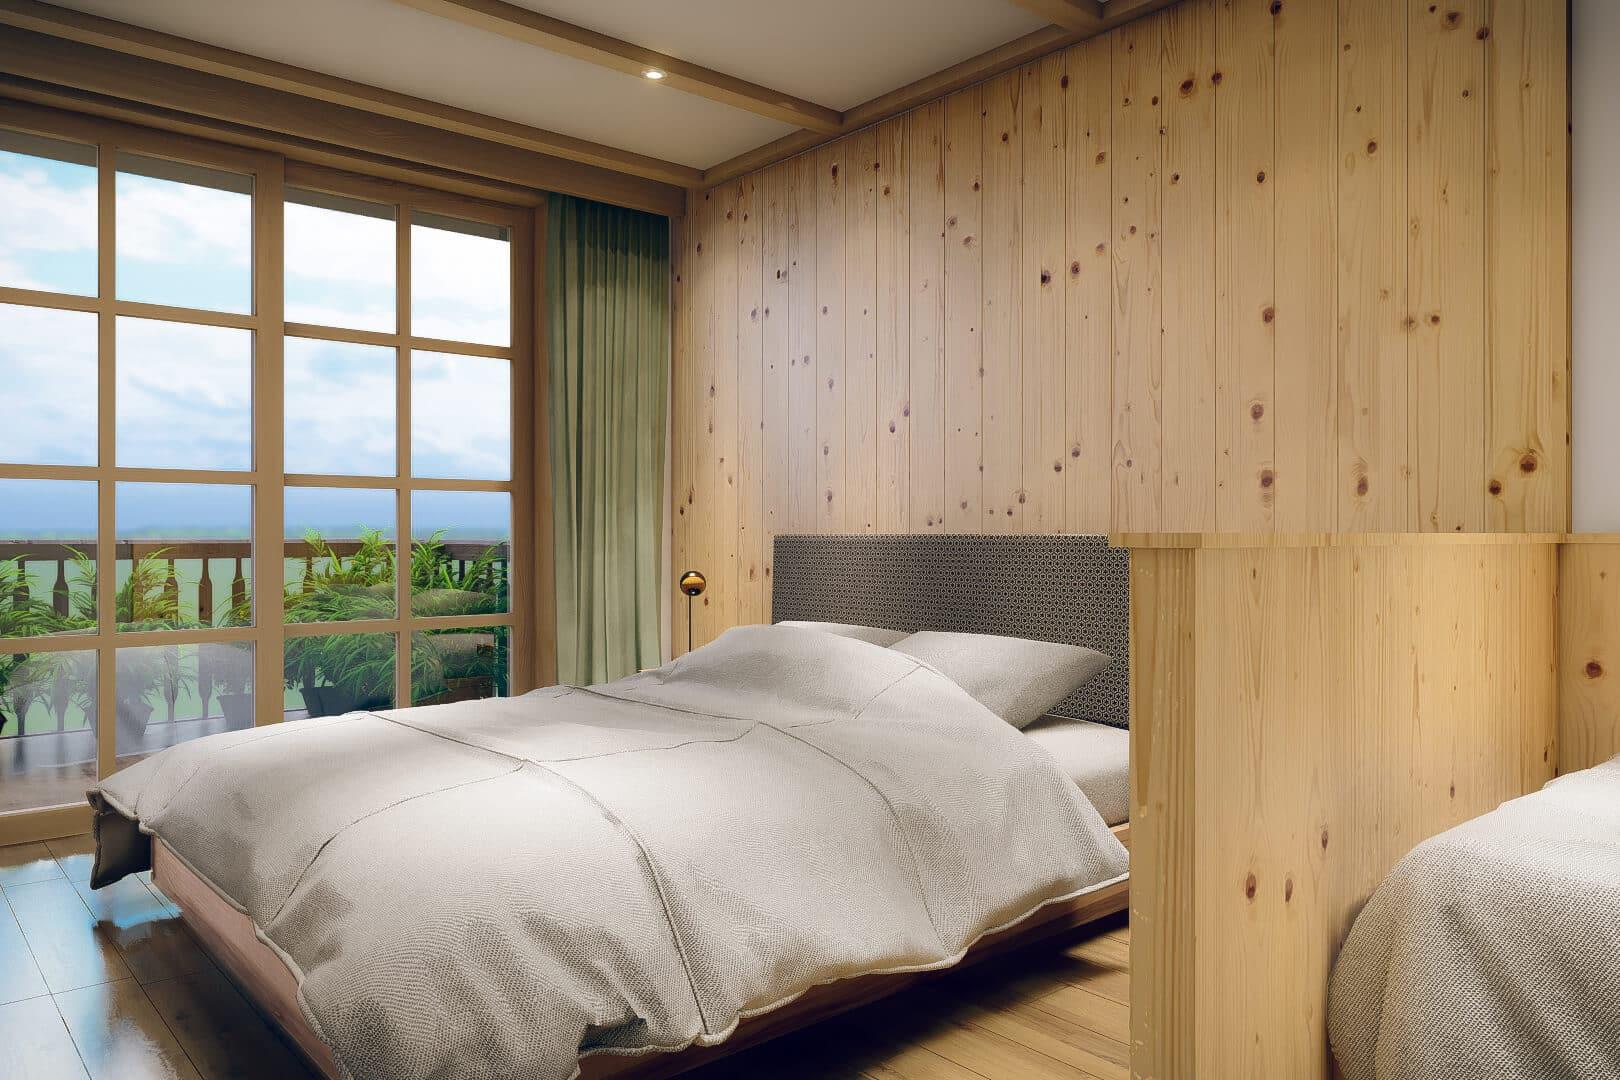 Room with a view – in ihrer Ferienwohnung mit Pool genießen sie morgens schon eine traumhafte Aussicht